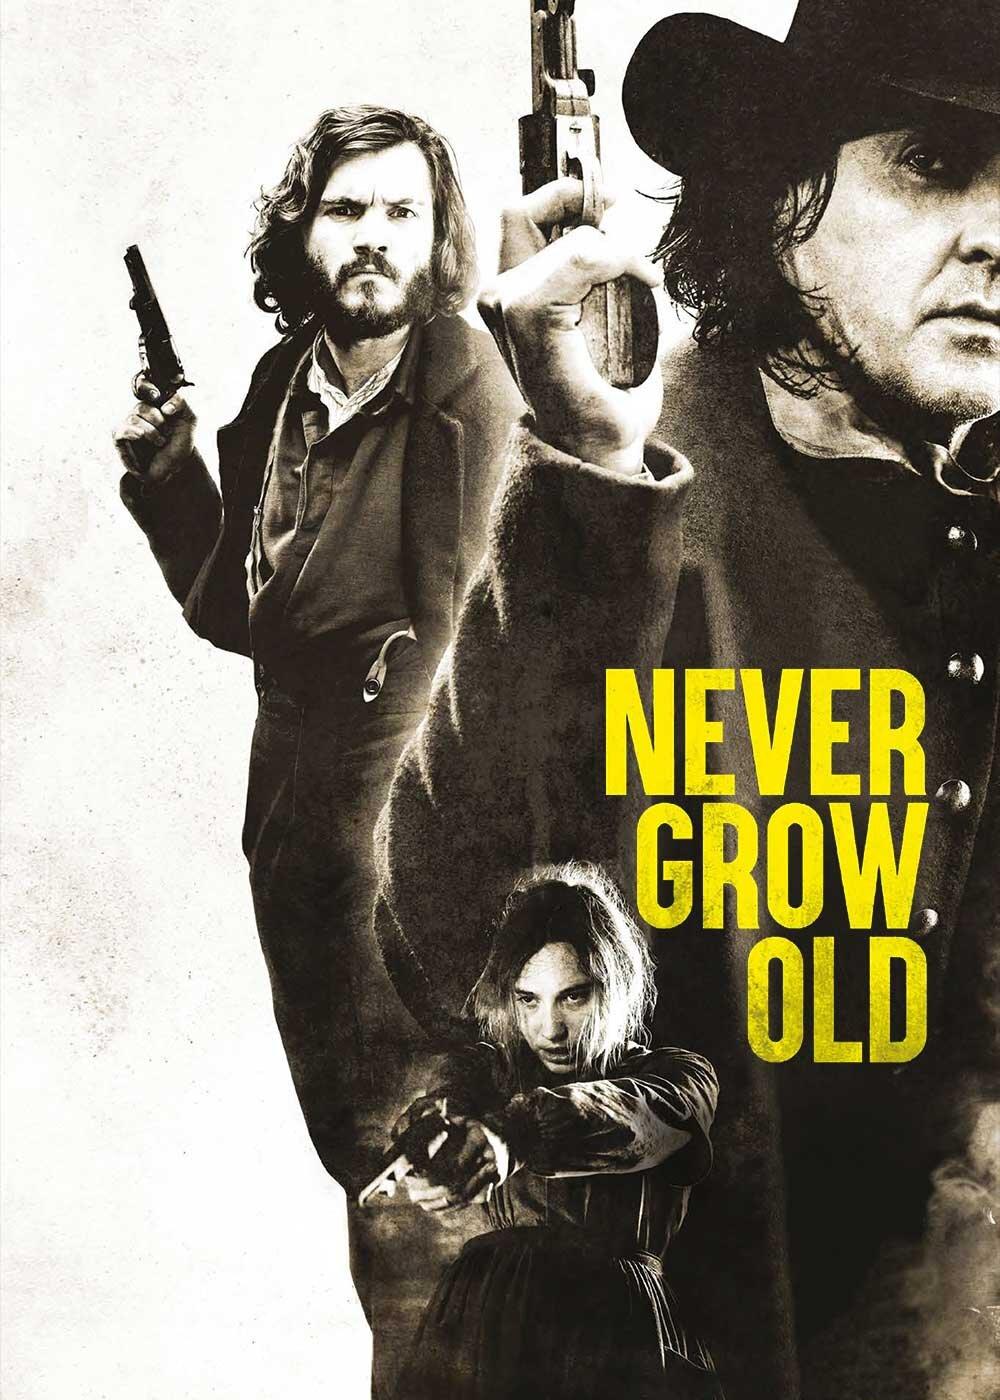 nevergrowold_poster.jpg